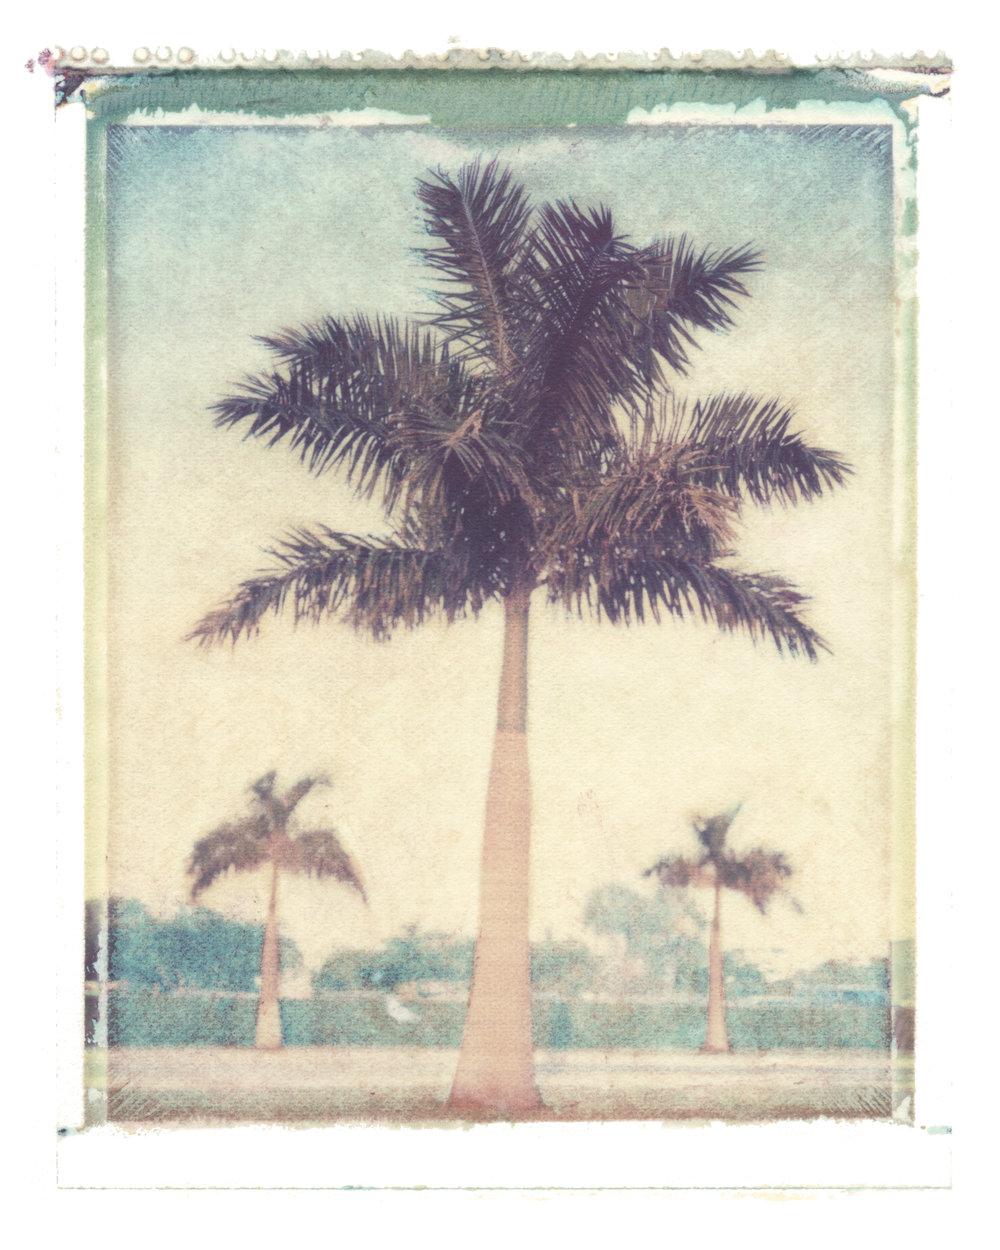 Roystonia regia  Boca Raton, Florida, 1994